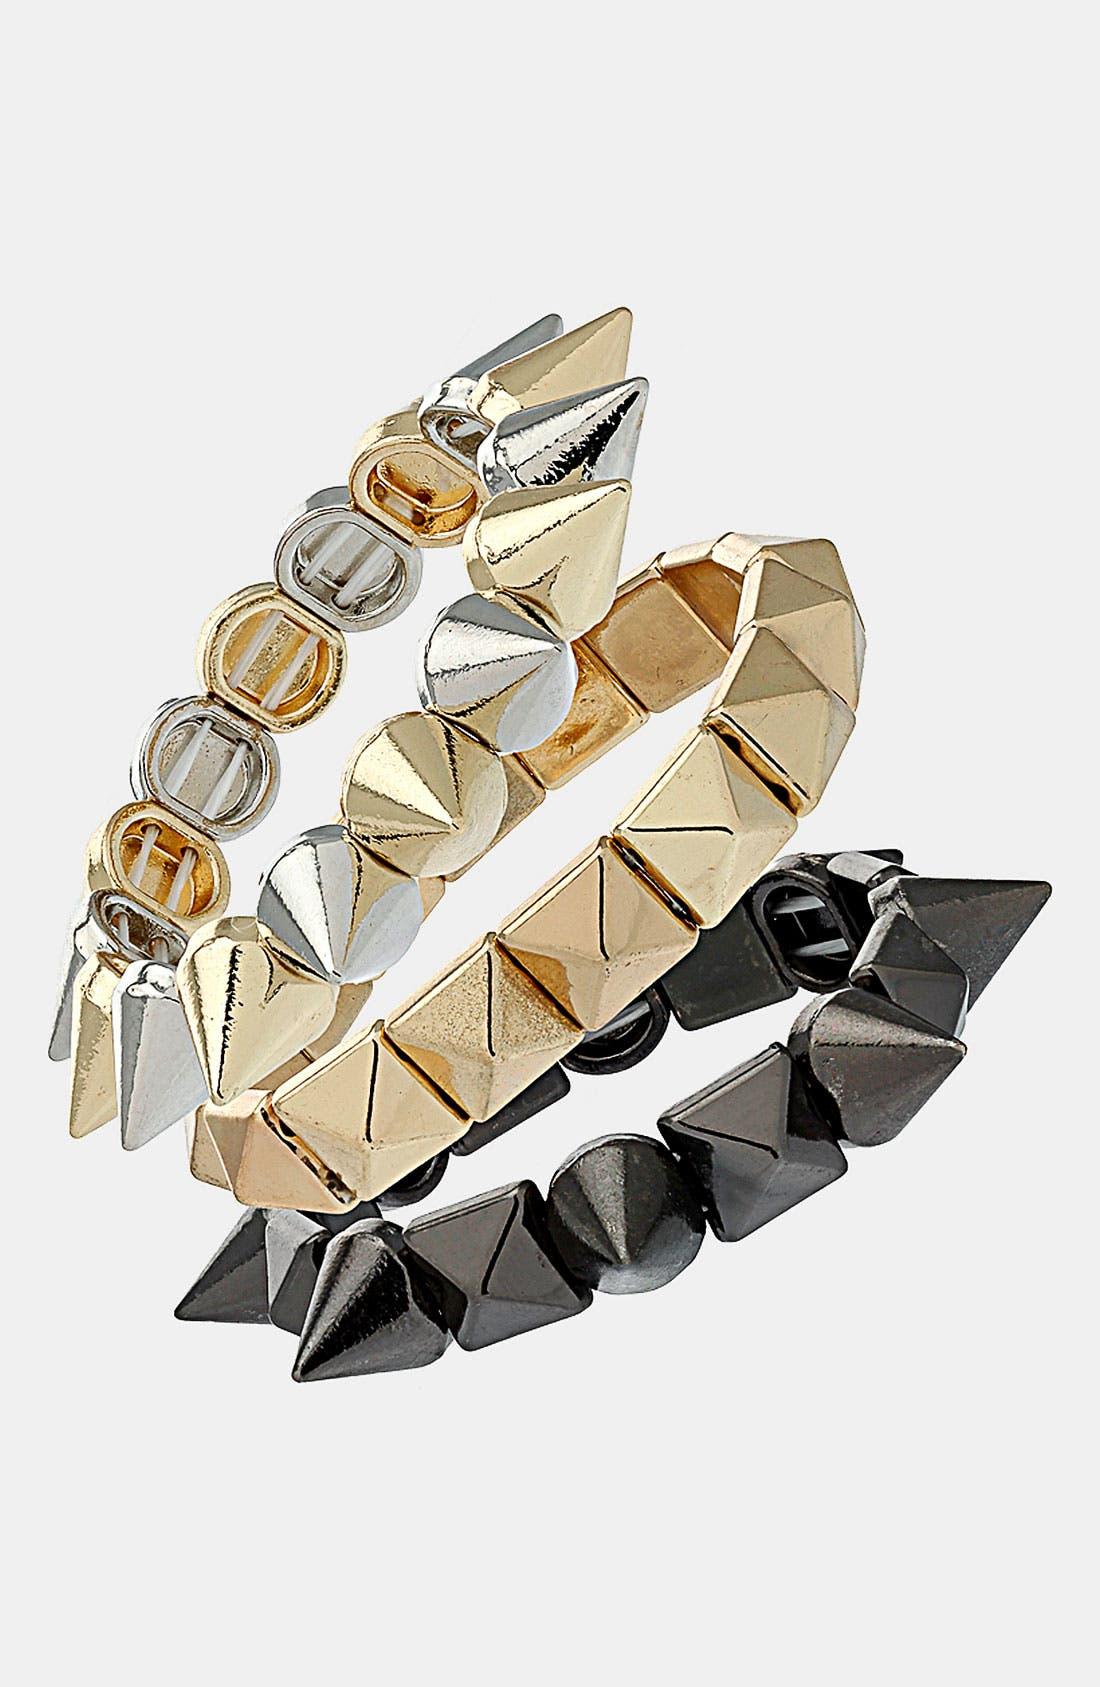 Alternate Image 1 Selected - Topshop 'Spike Prism' Stretch Bracelets (Set of 3)